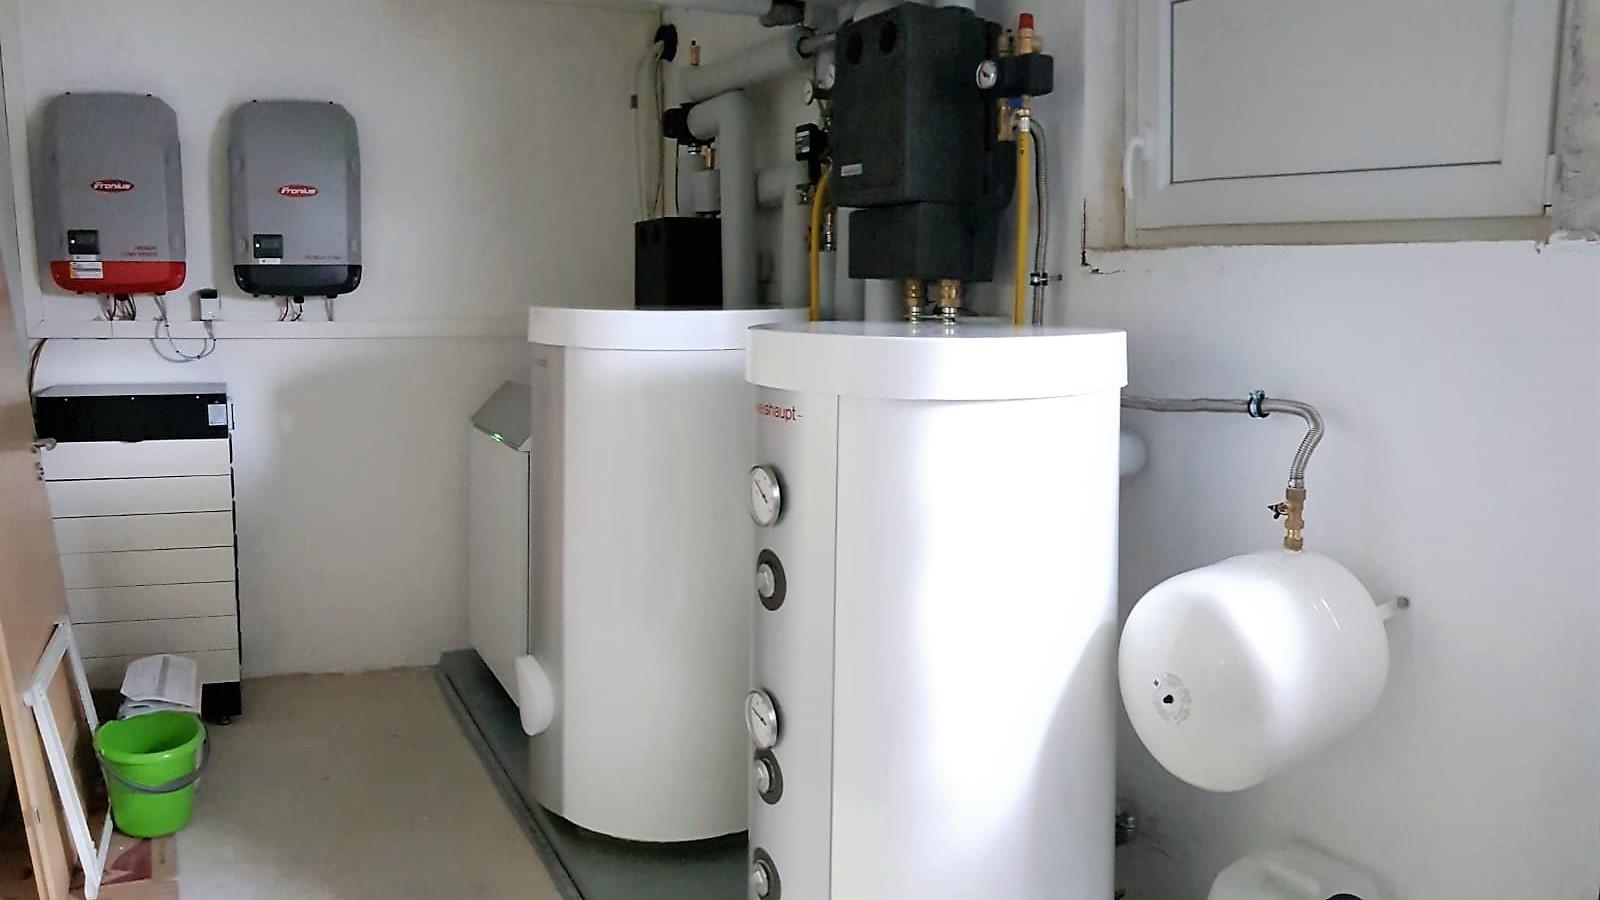 Weishaupt Luft/Wasser-Wärmepumpe Biblock